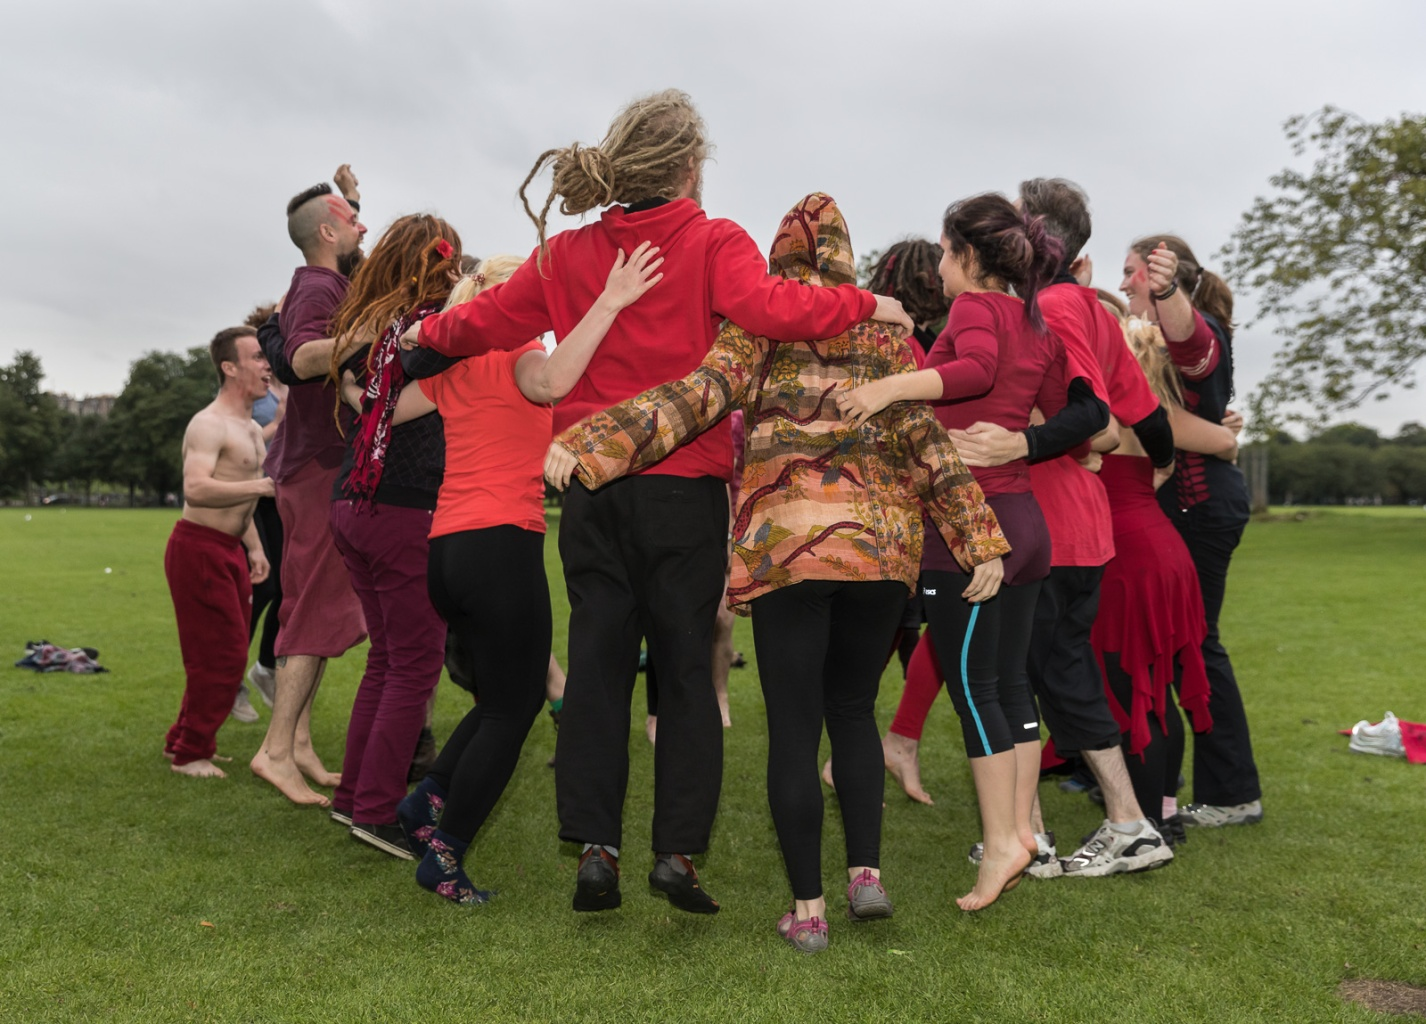 Reds rehearsing for Samhuinn 2016, by Neil Barton